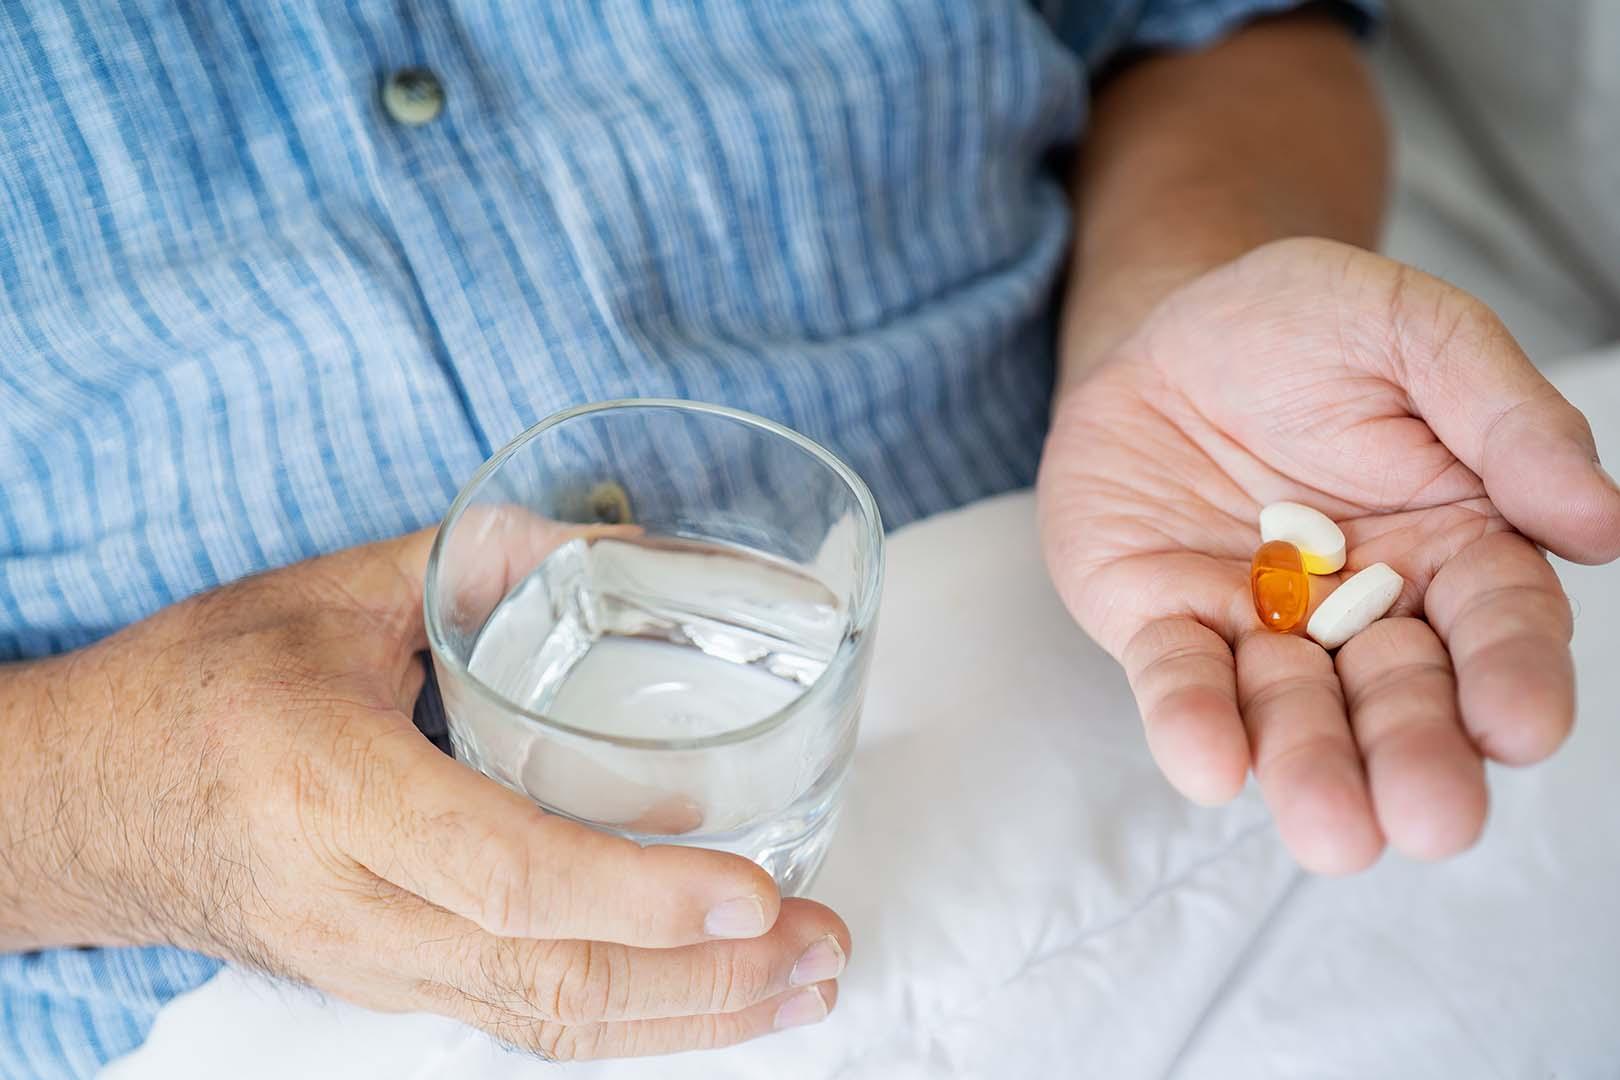 Apakah Penderita Diabetes Boleh Konsumsi Suplemen?